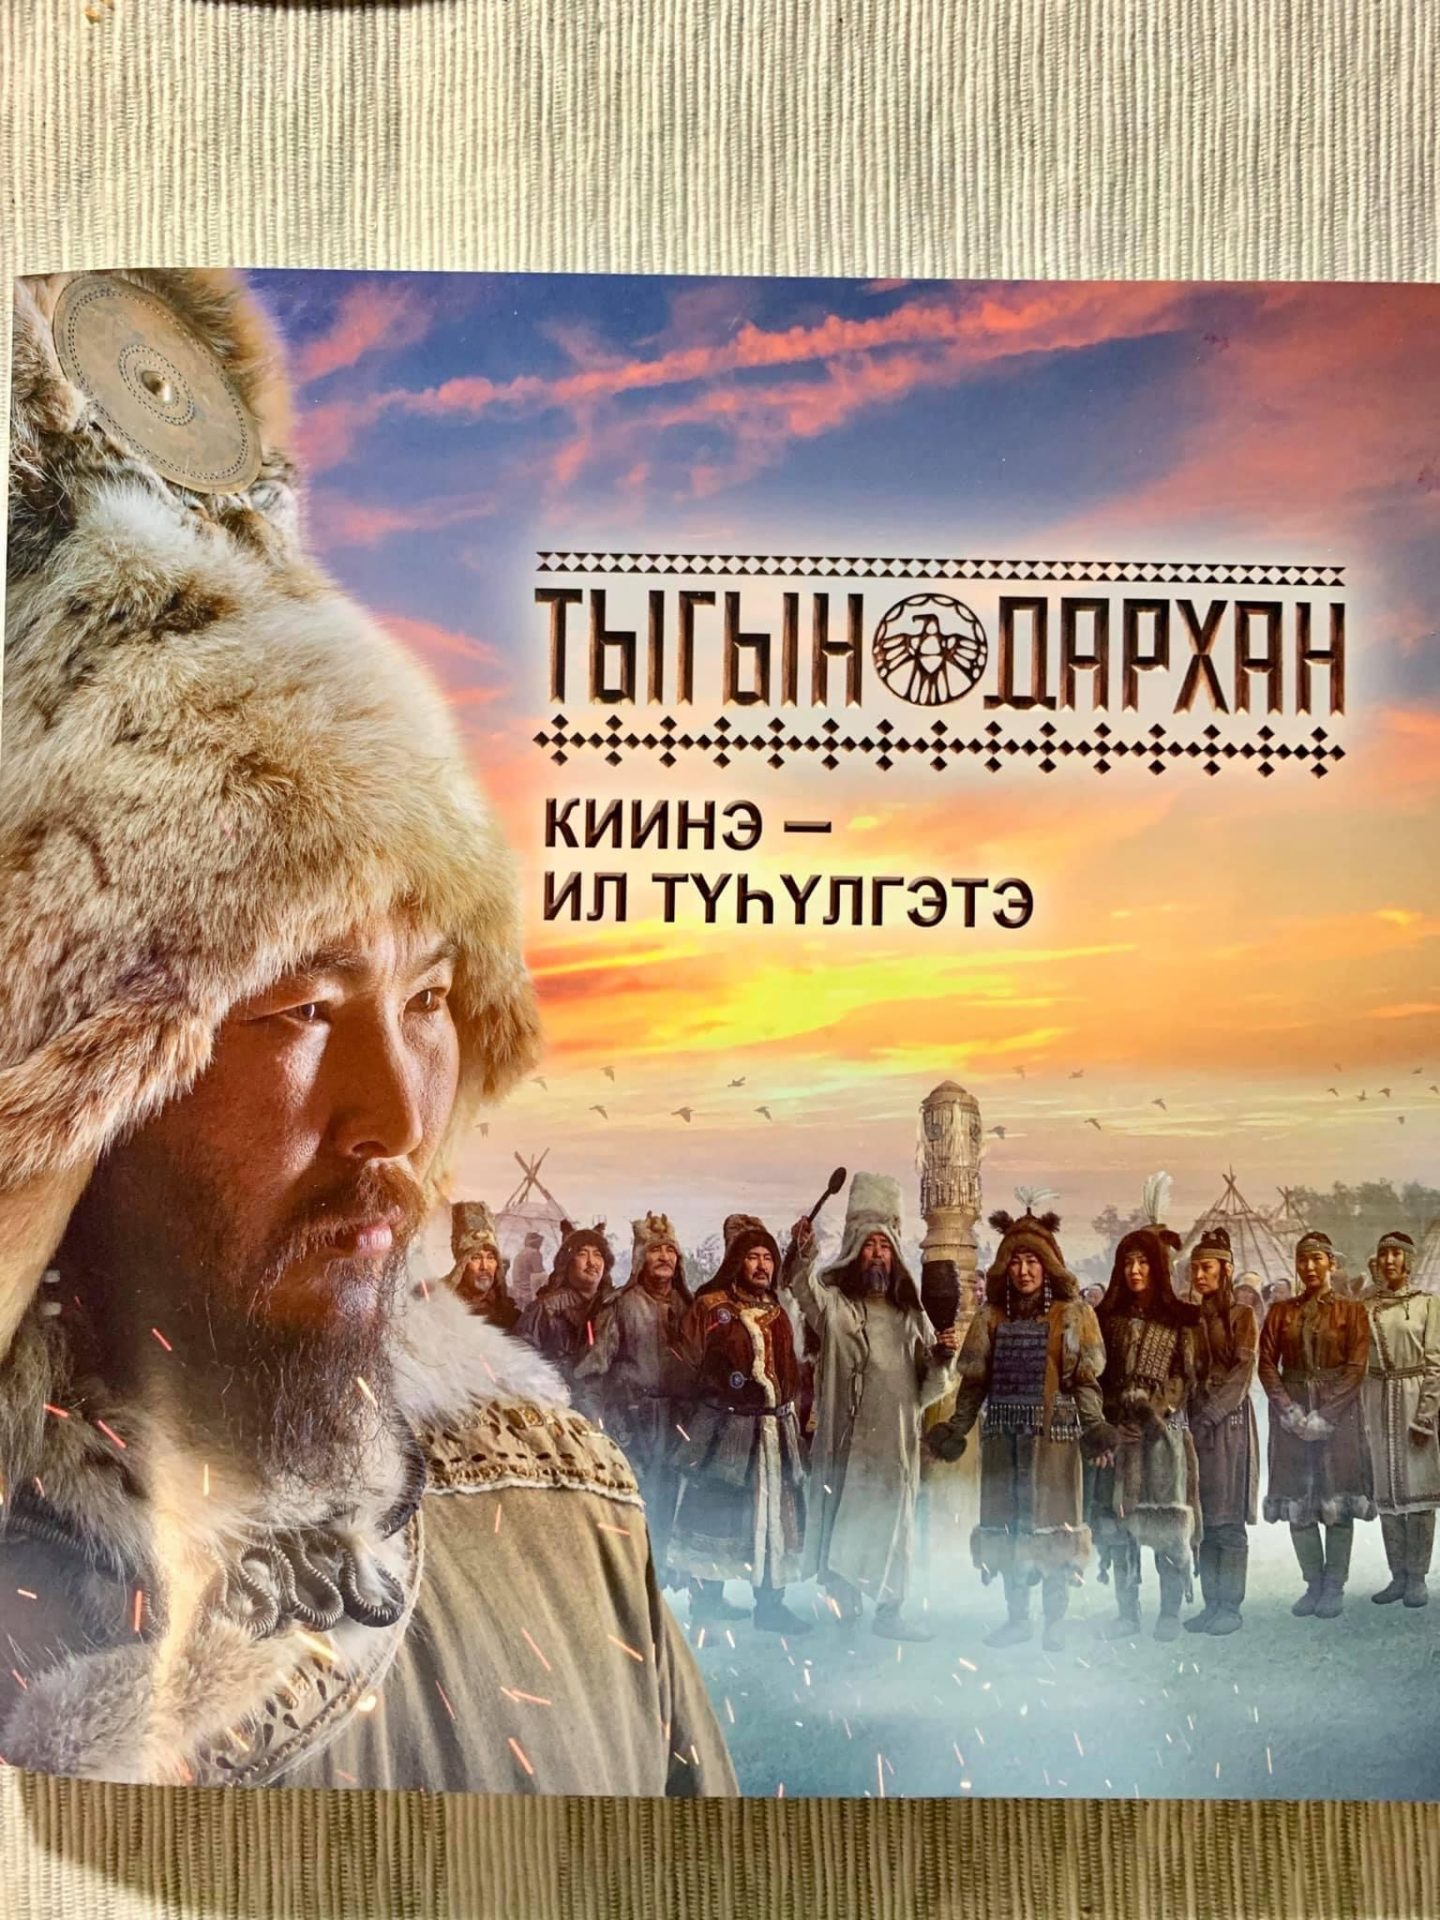 Ульяна ВИНОКУРОВА: «Это не экранизация романа Далана»